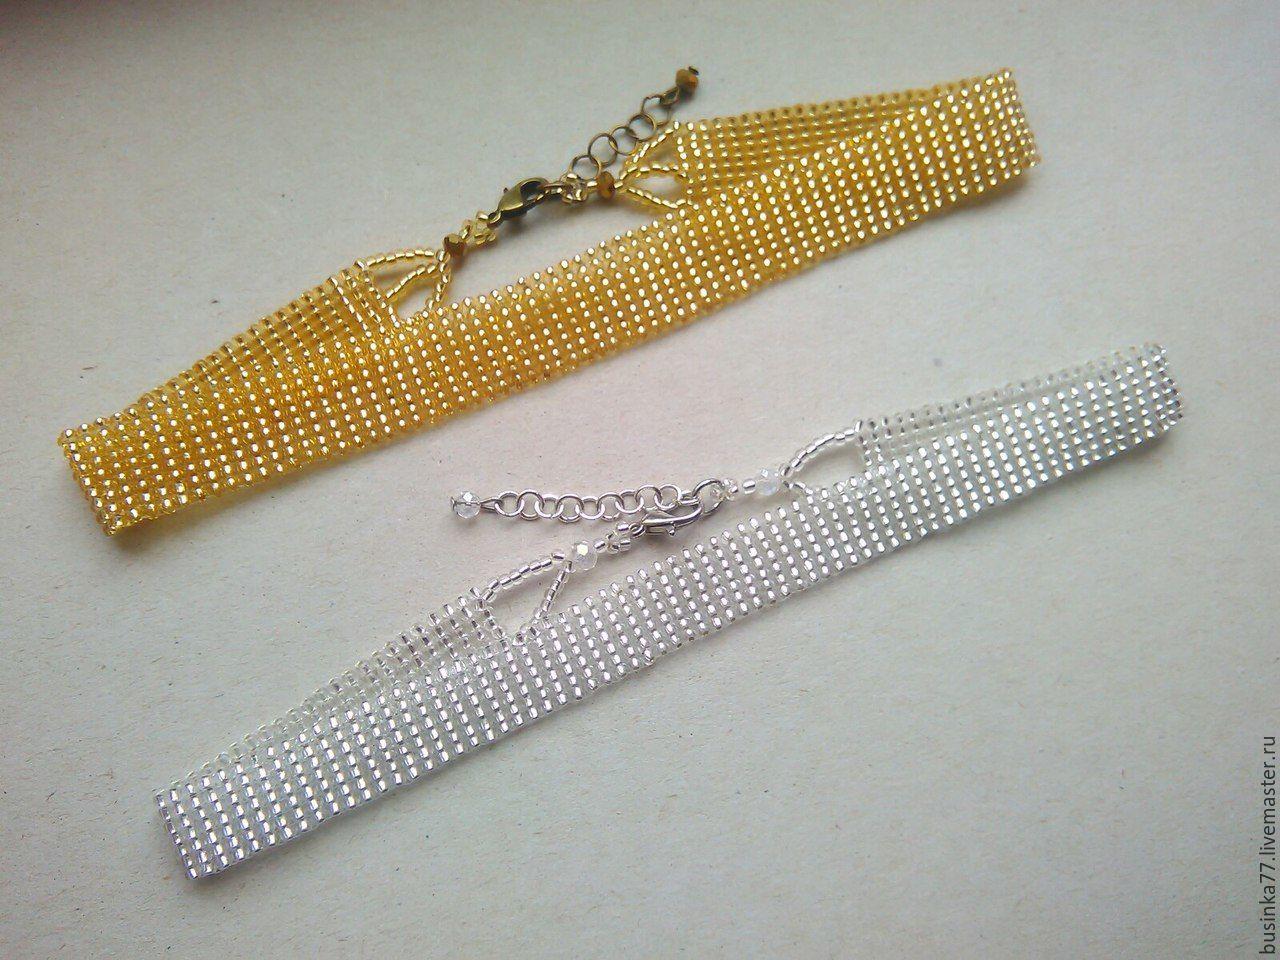 Схема плетения чокера: украшения из бисера - ЭтноБохо 65